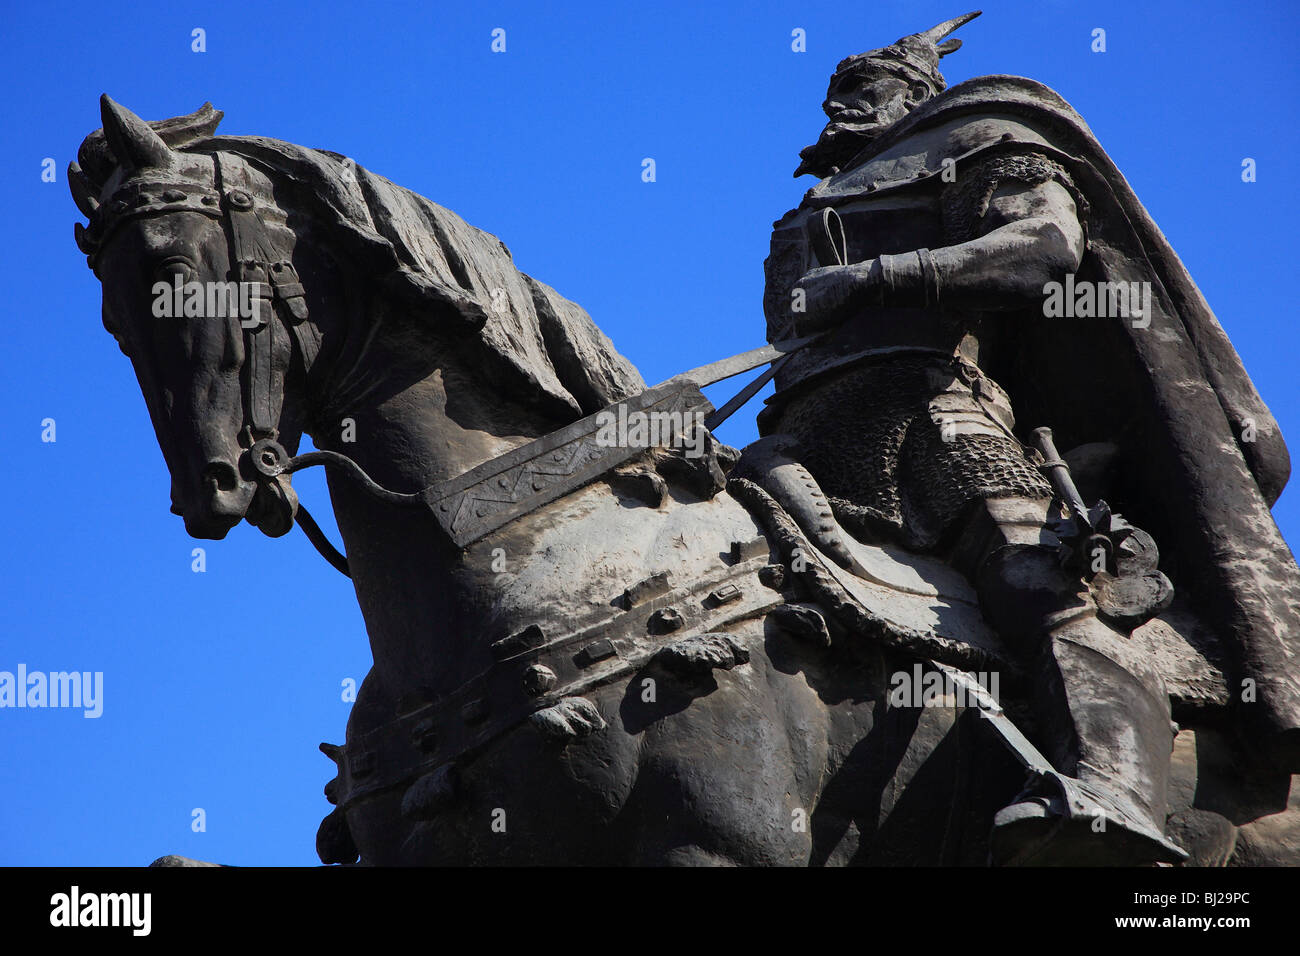 Statue of Skanderbeg, Tirana, Albania, Europe Stock Photo